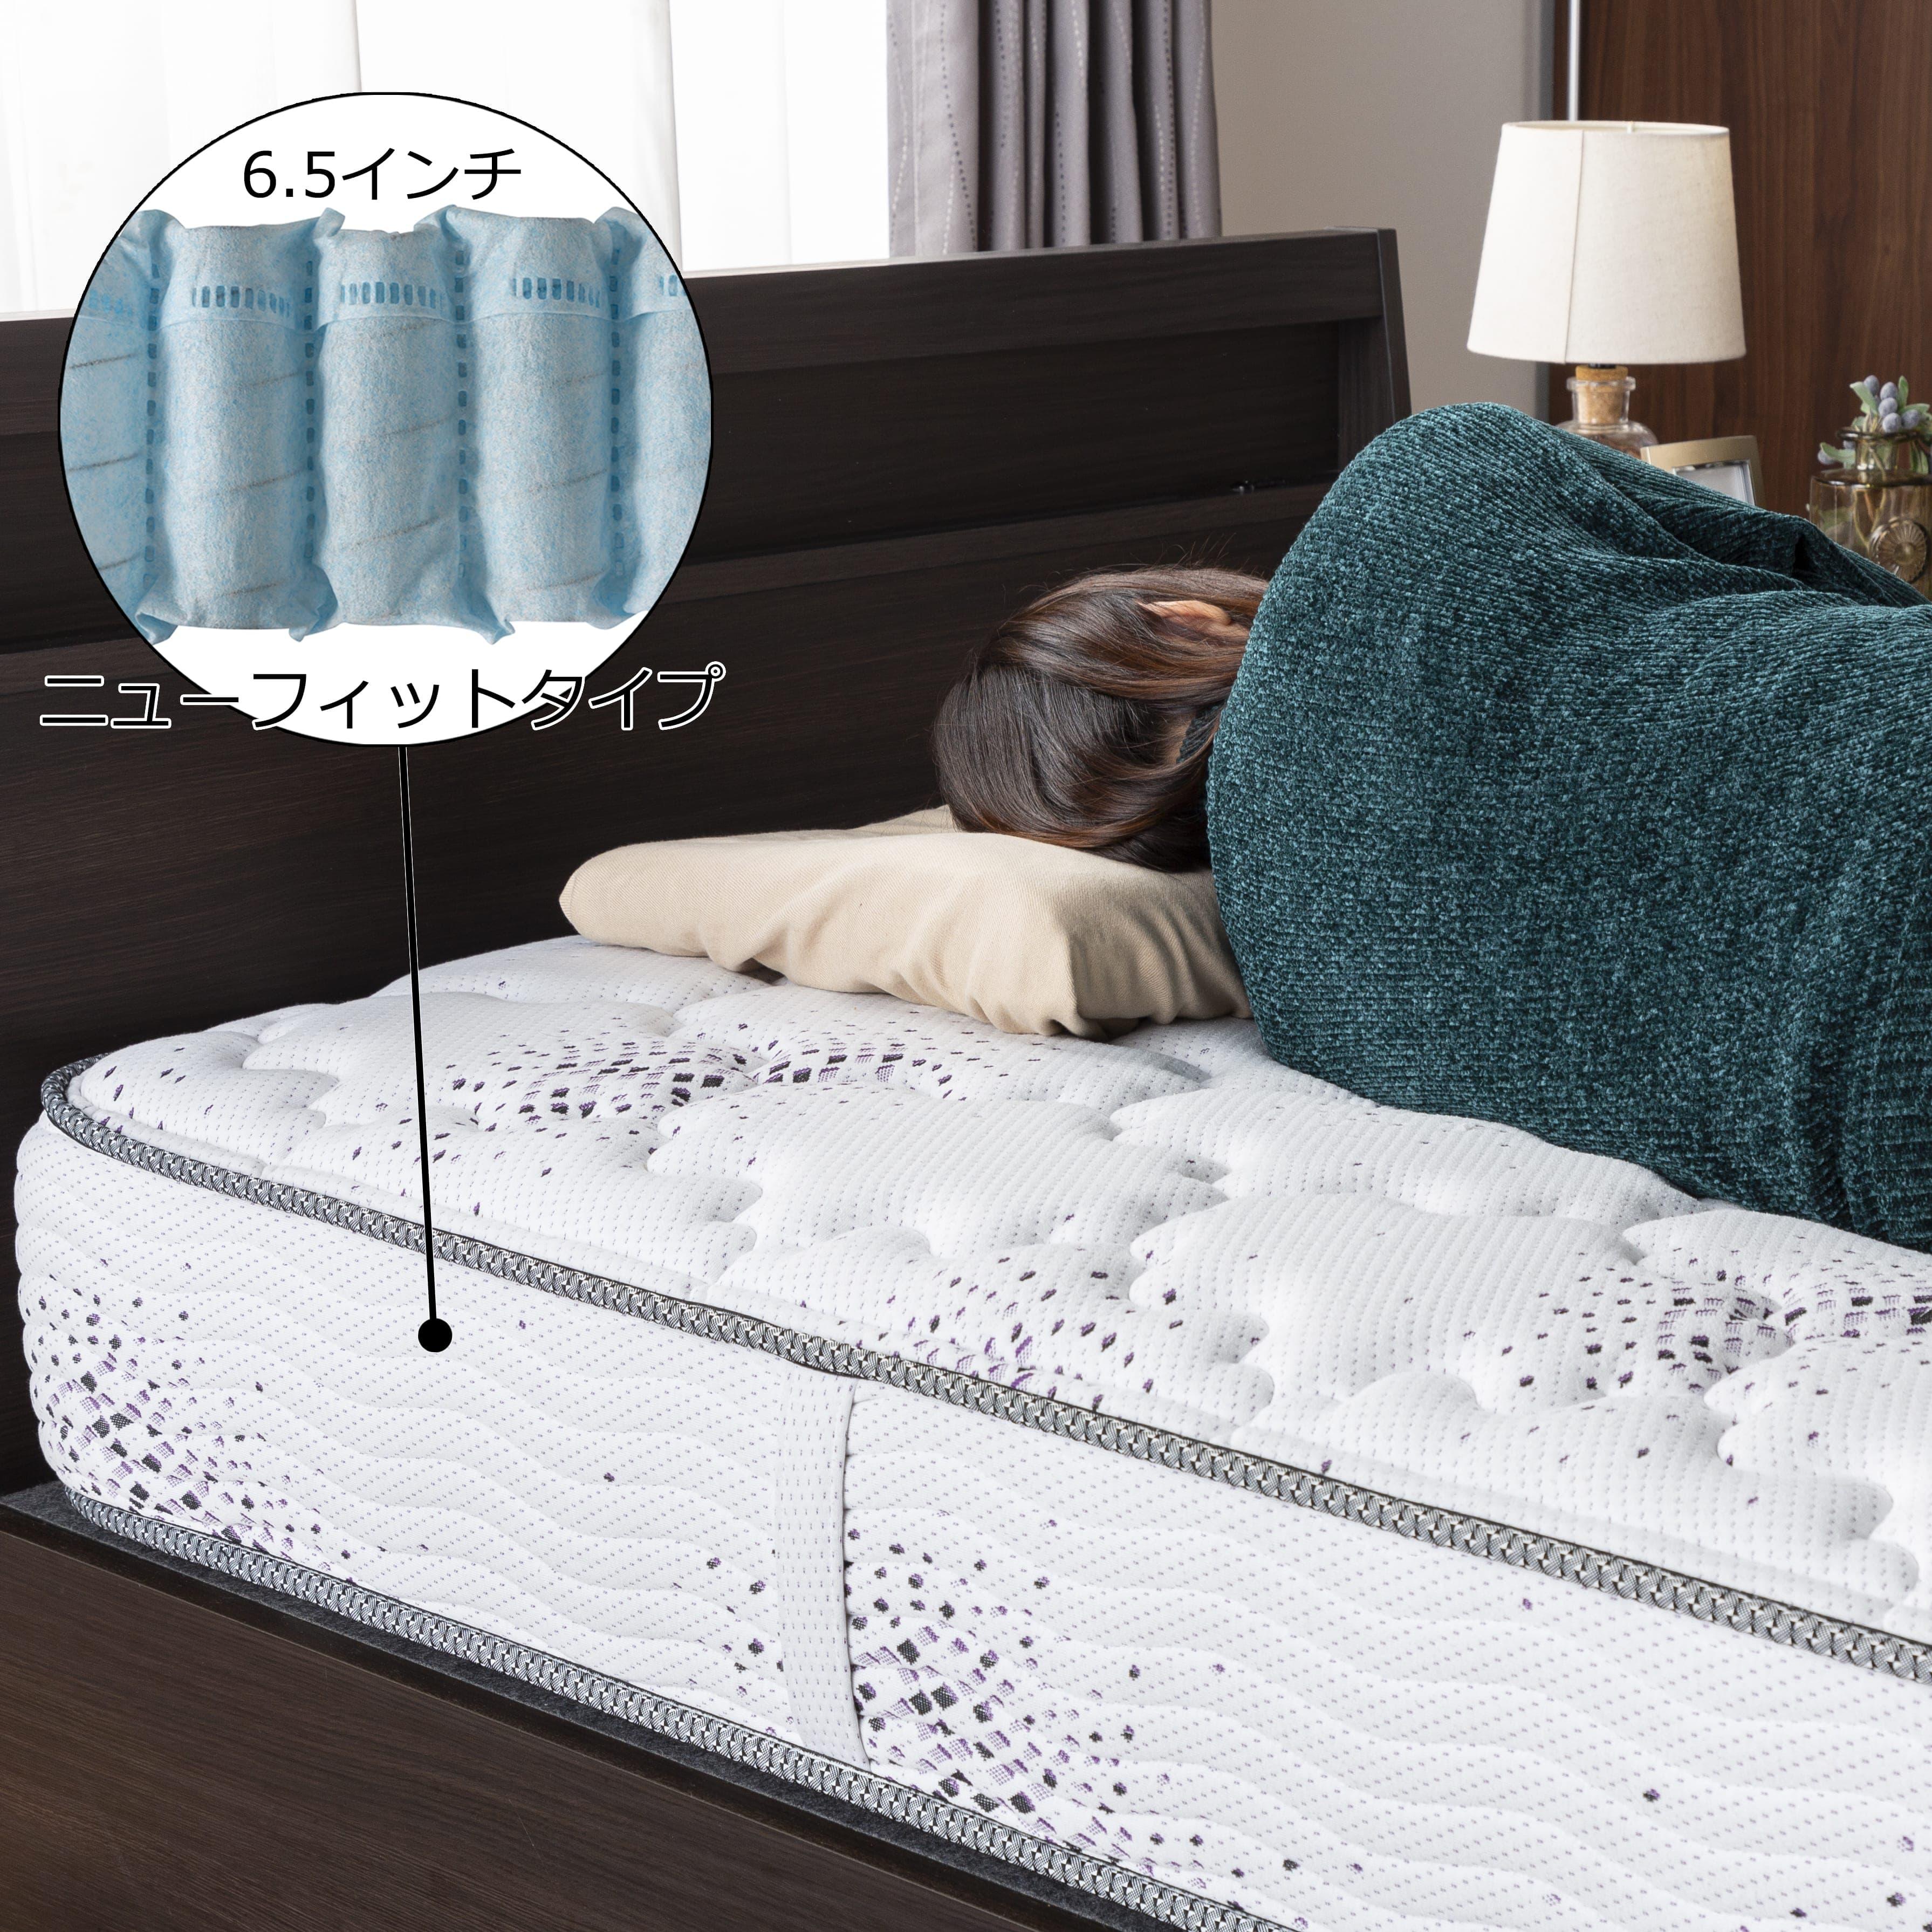 シモンズ 6.5インチニューフィット2 AB16S04(セミダブルマットレス):ソフトな寝心地のニューフィットタイプ